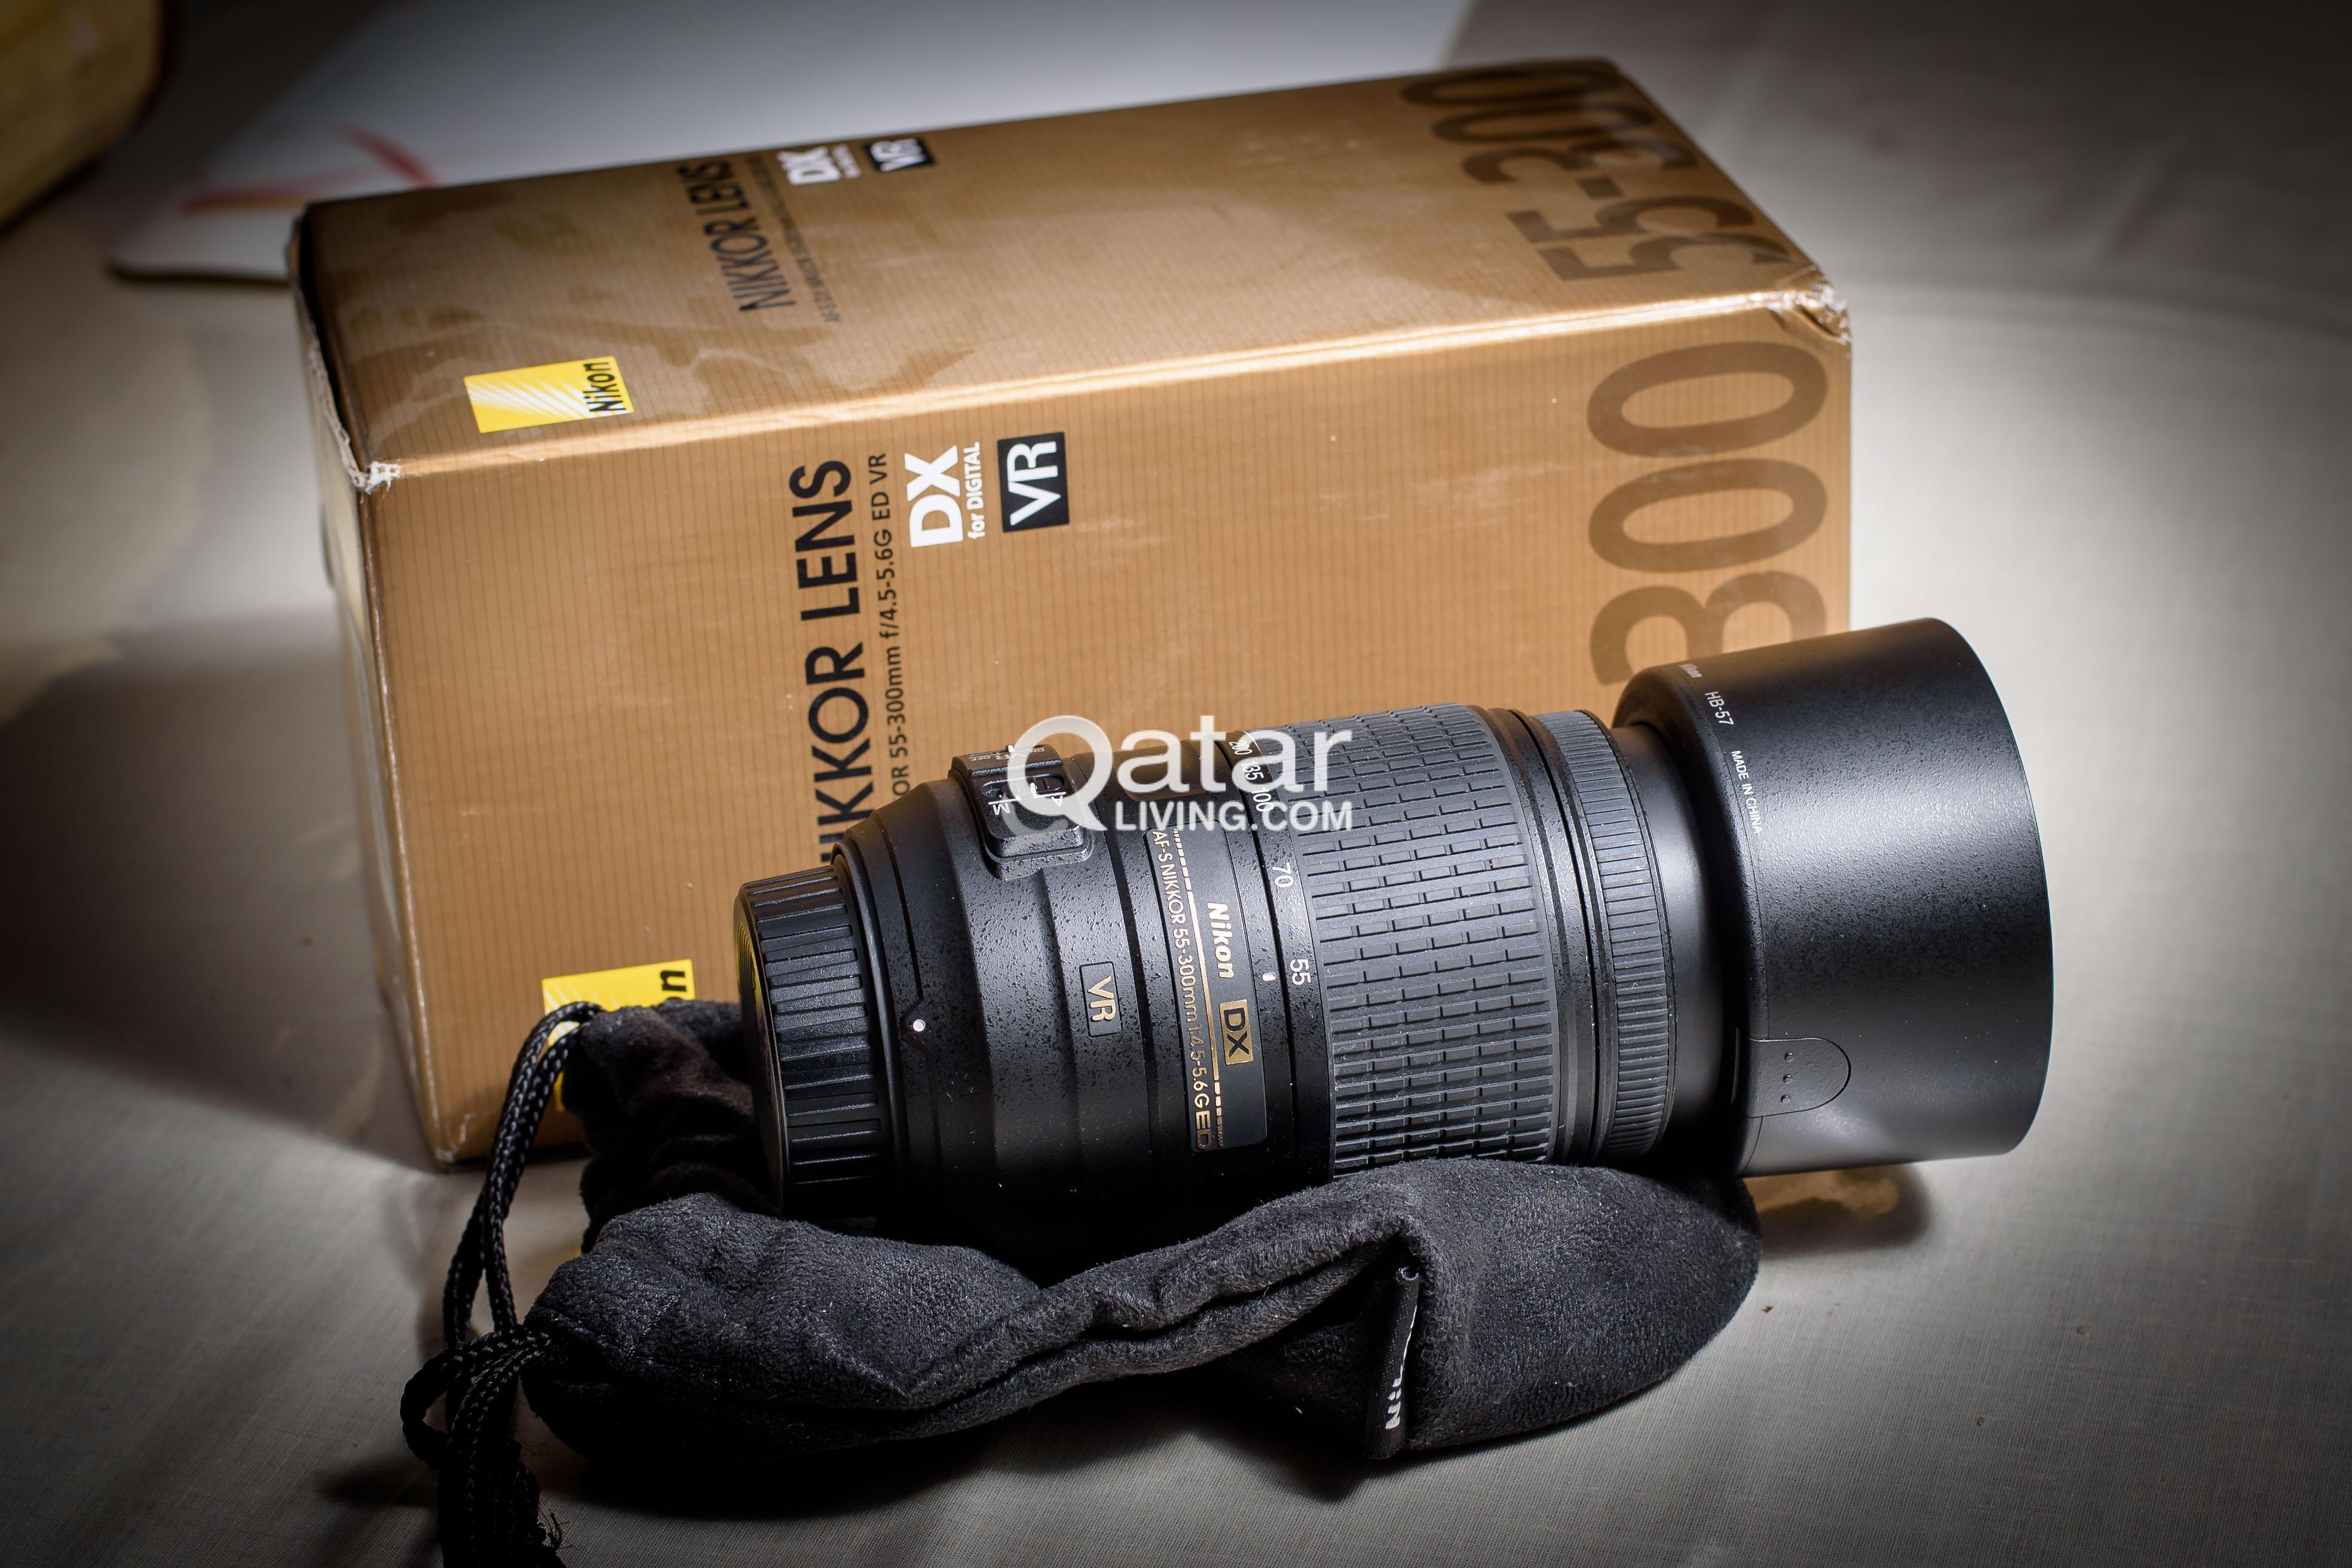 Nikon D5300 Bundle | Urgent Sale!!! *Very Good Condition* (Price